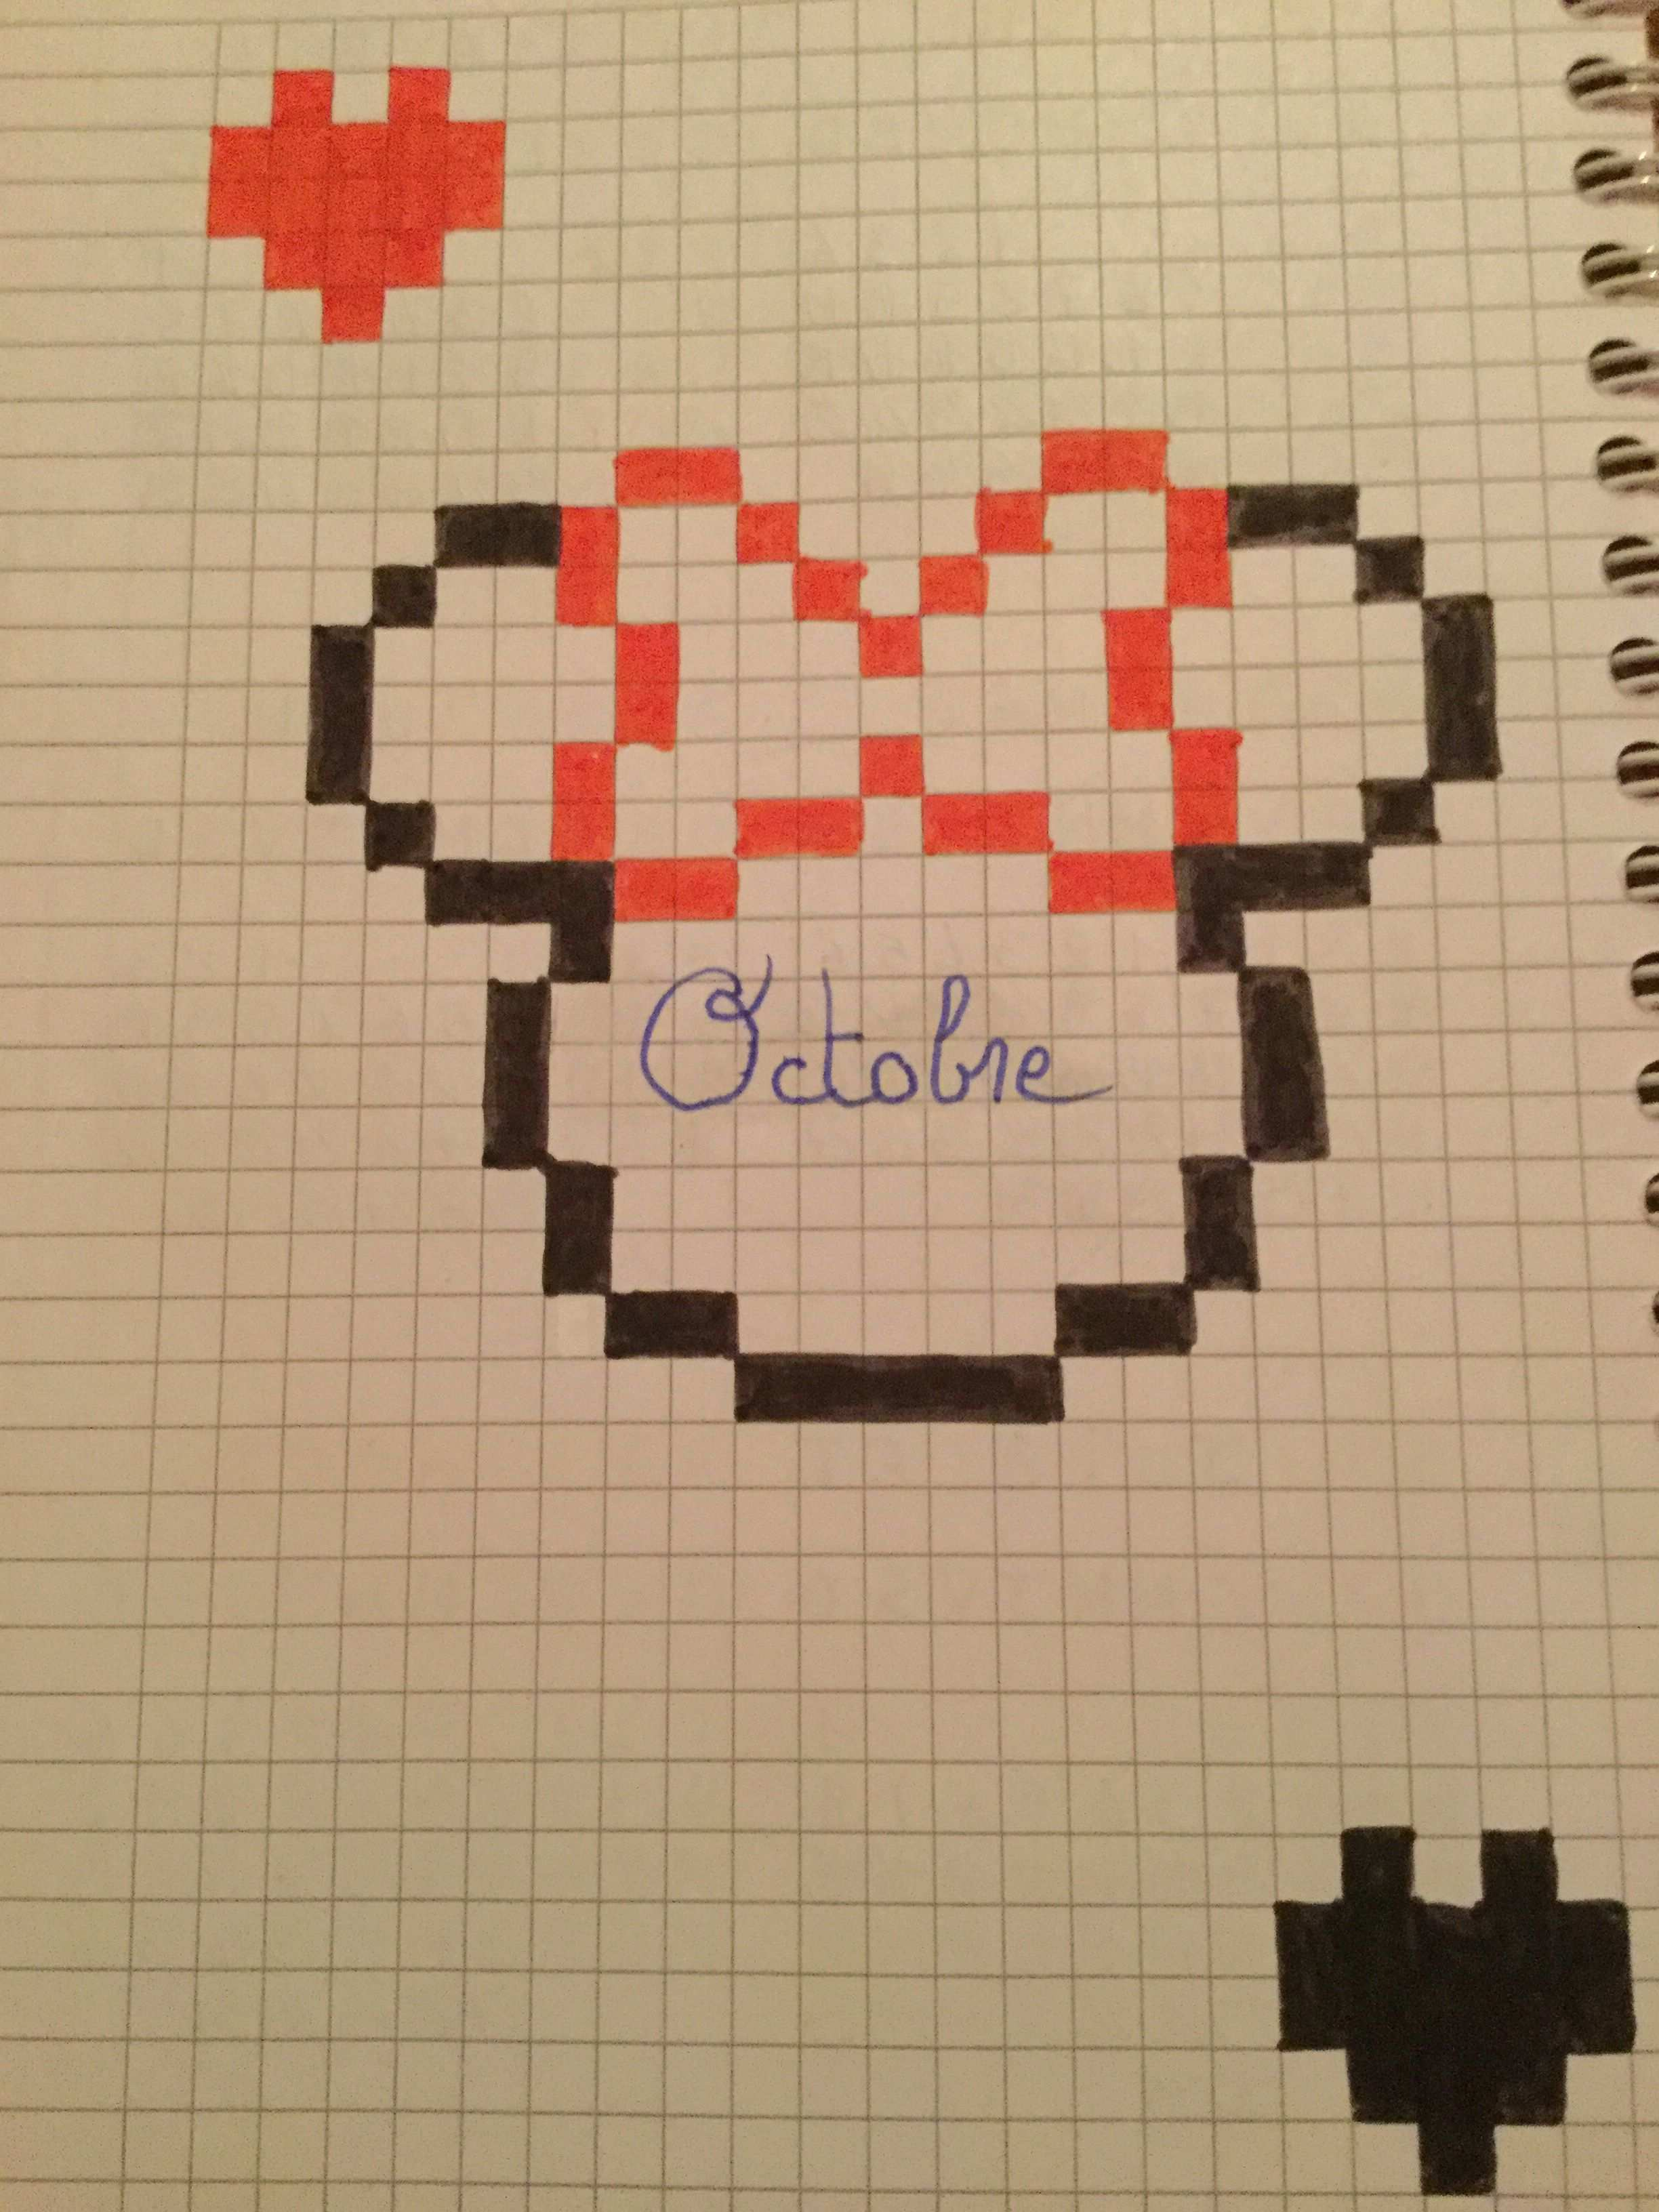 Micky Mouse Minecraft Pixels Art Pixelart Vorlagen Minecraft Zeichnungen Papierzeichnung